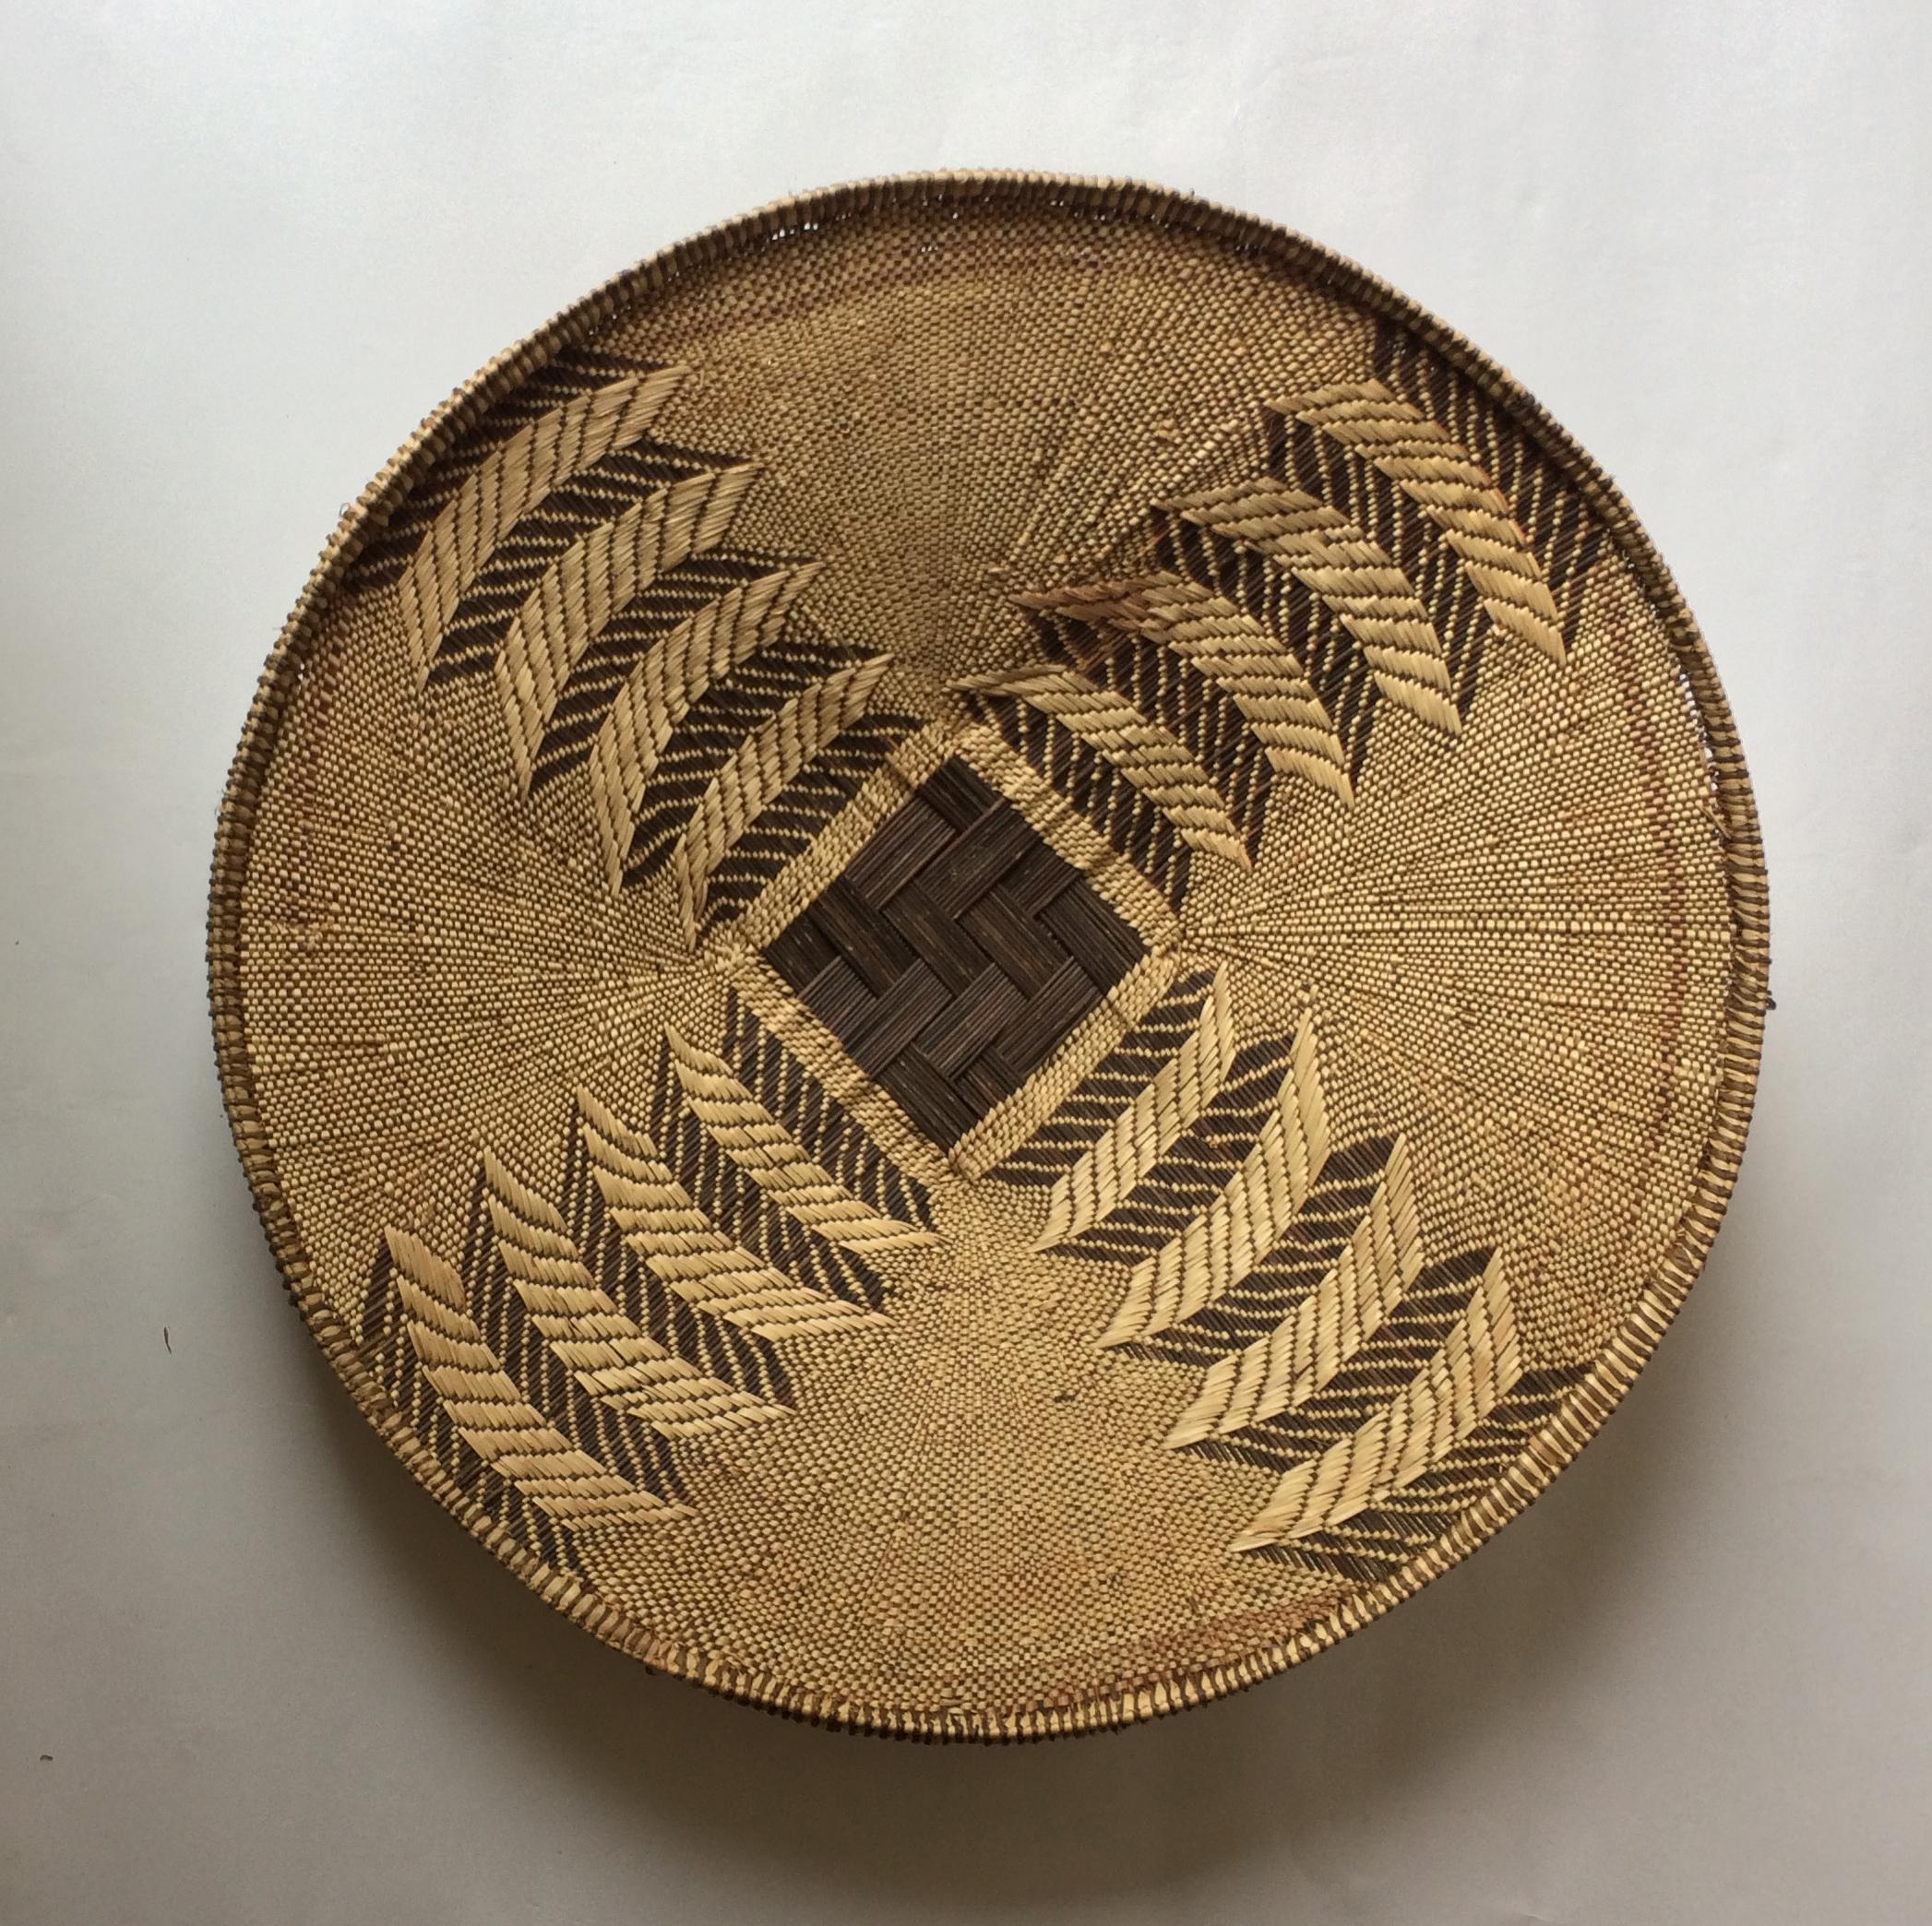 CANASTO DE PAJA AFRICANO (diámetro aprox. 69cm)